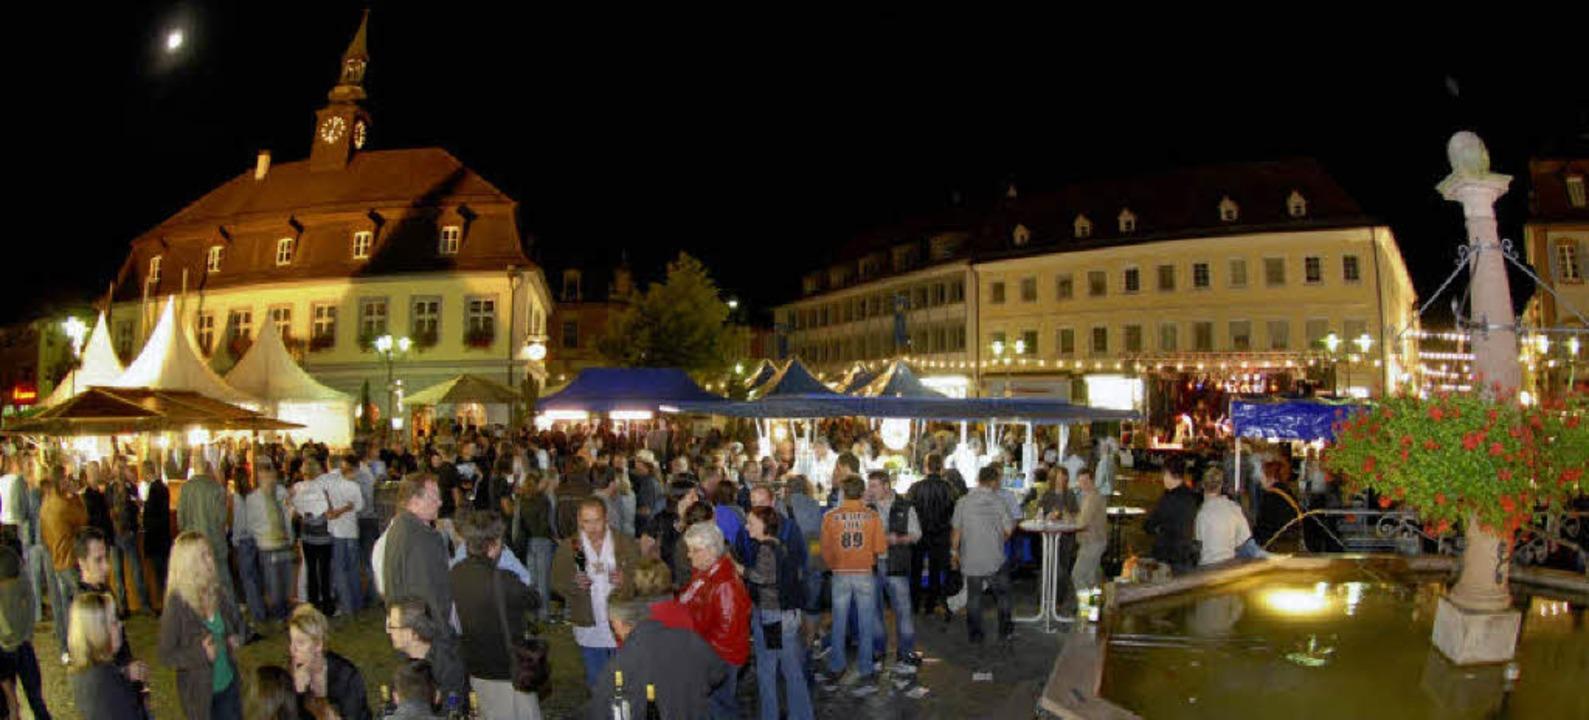 Perfekte Kulisse für ein Weinfest: der Marktplatz in Emmendingen   | Foto: Markus Zimmermann